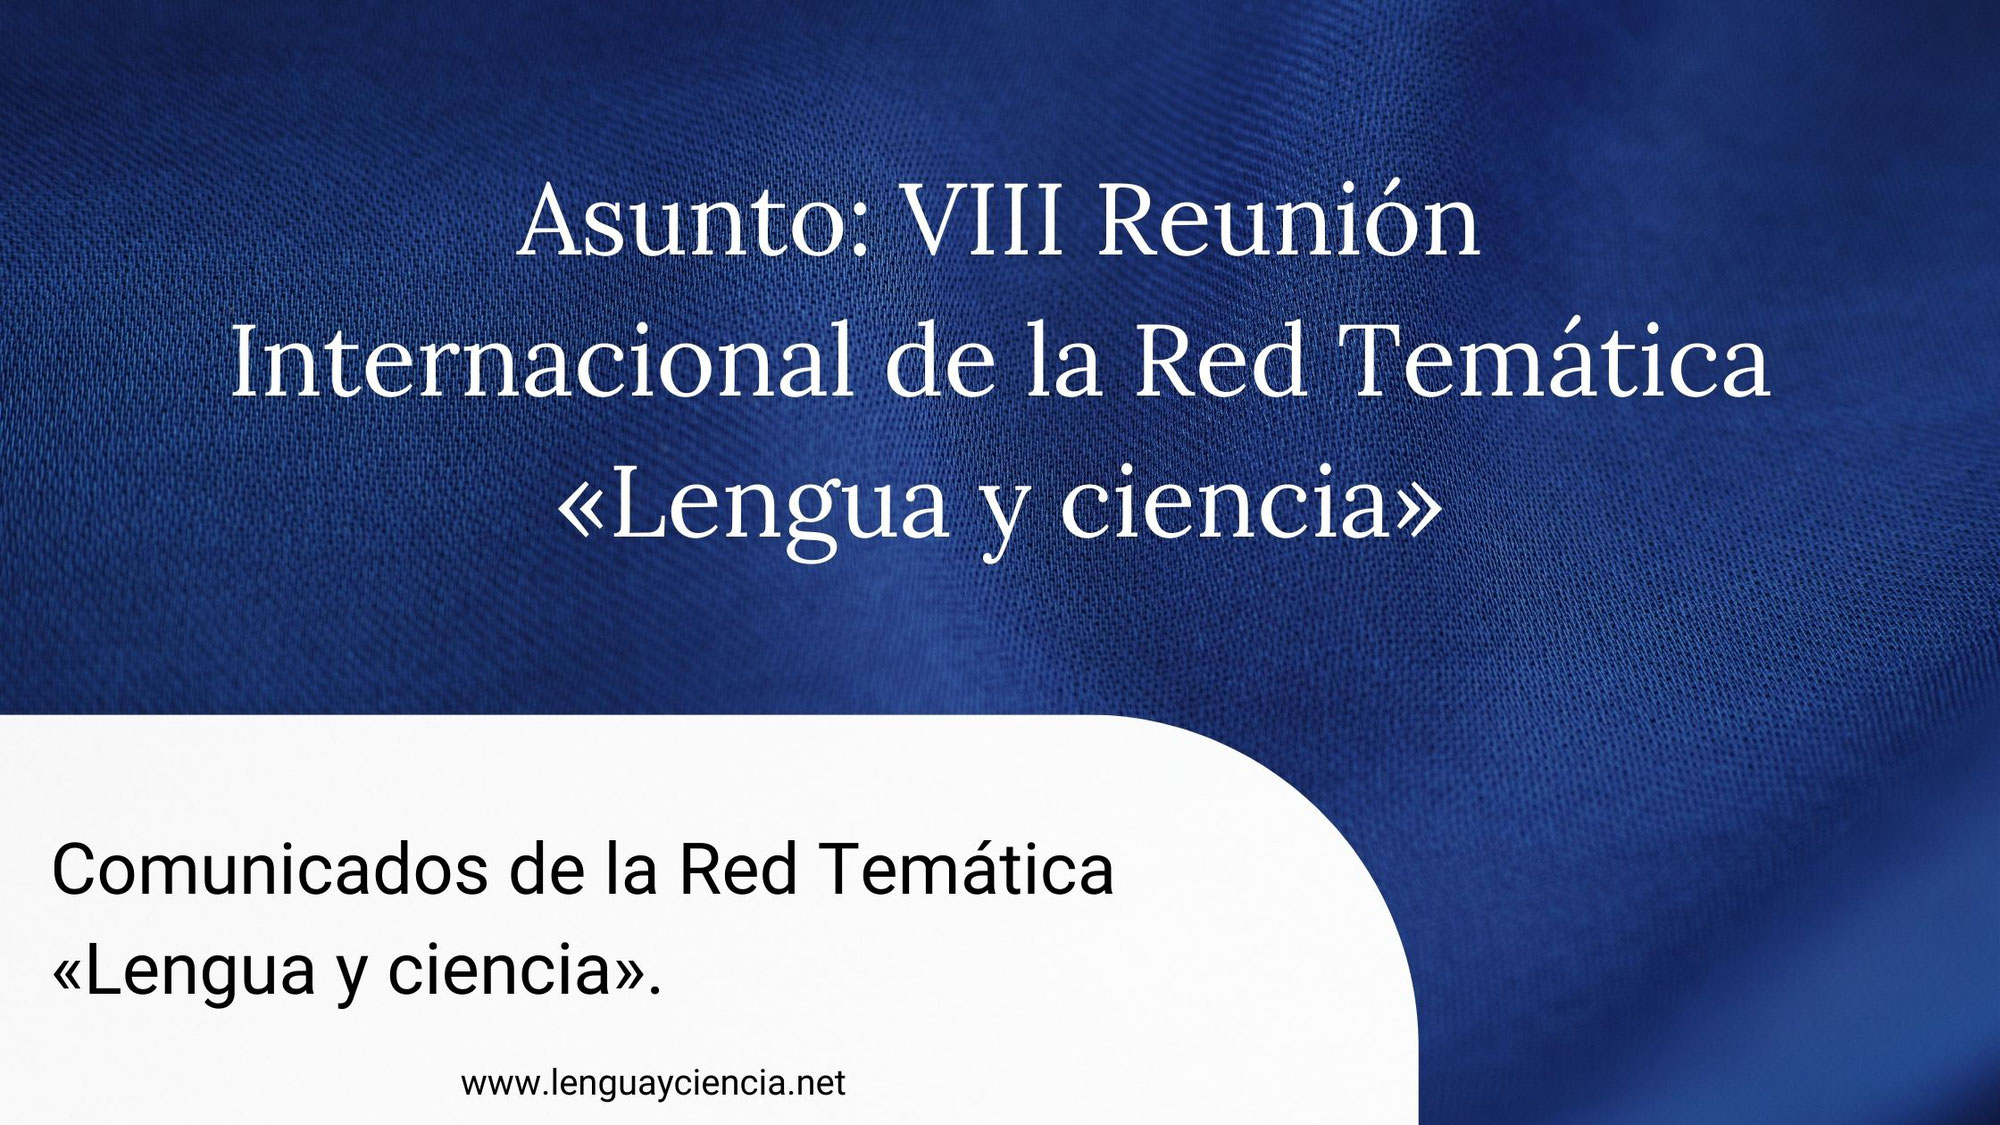 [Comunicados] VIII Reunión Internacional de la Red Temática «Lengua y ciencia»